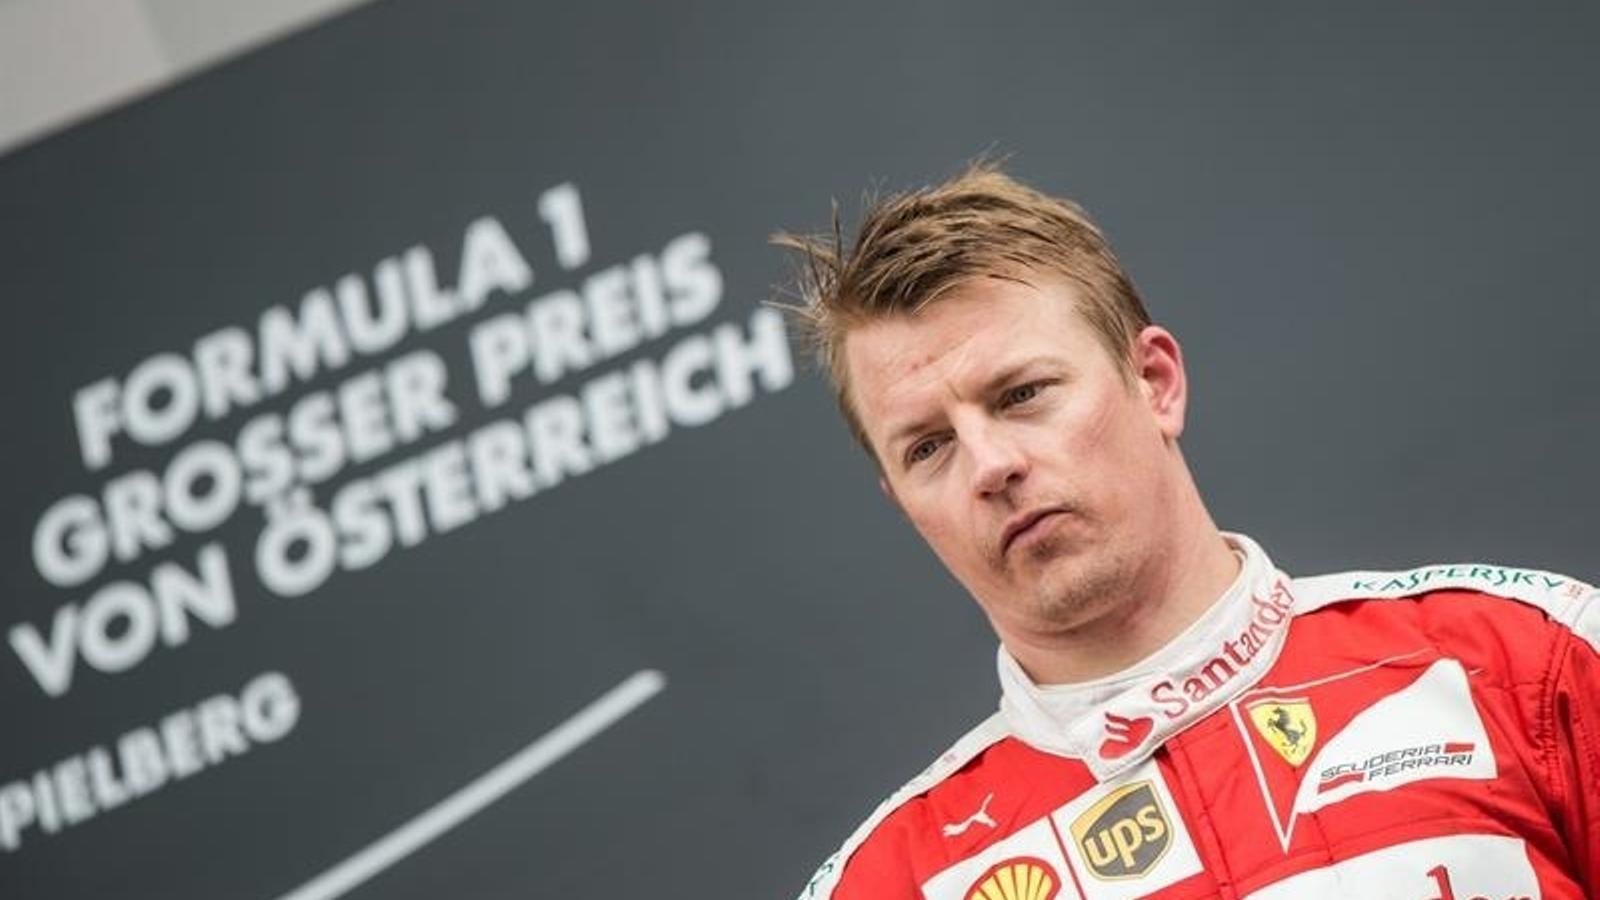 Kimi Räikkönen en el podi de l'últim Gran Premi d'Àustria